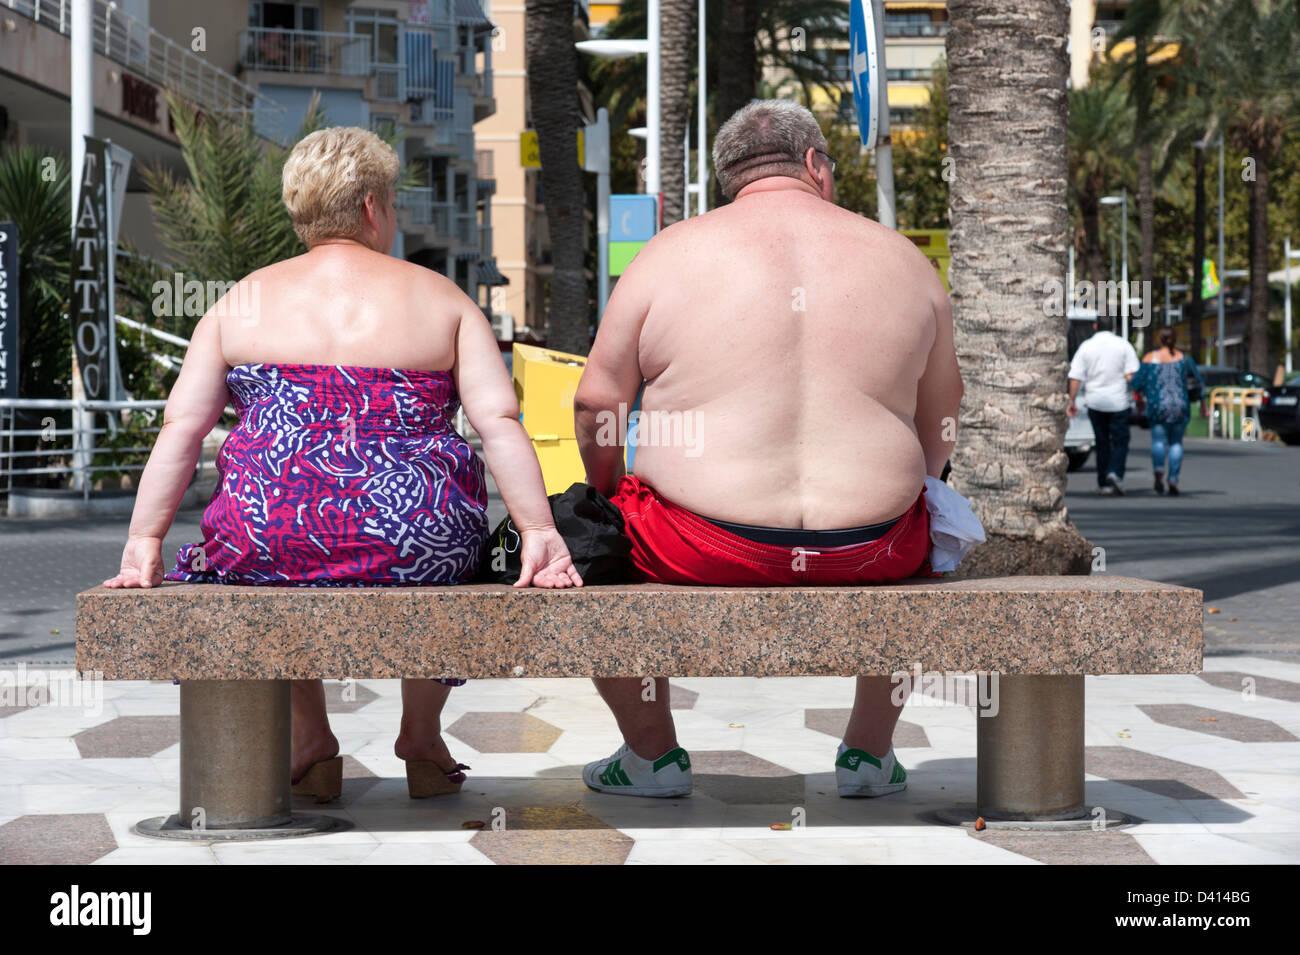 Übergewicht britisches Paar an der Uferpromenade in Benidorm, Costa Blanca, Spanien Stockbild